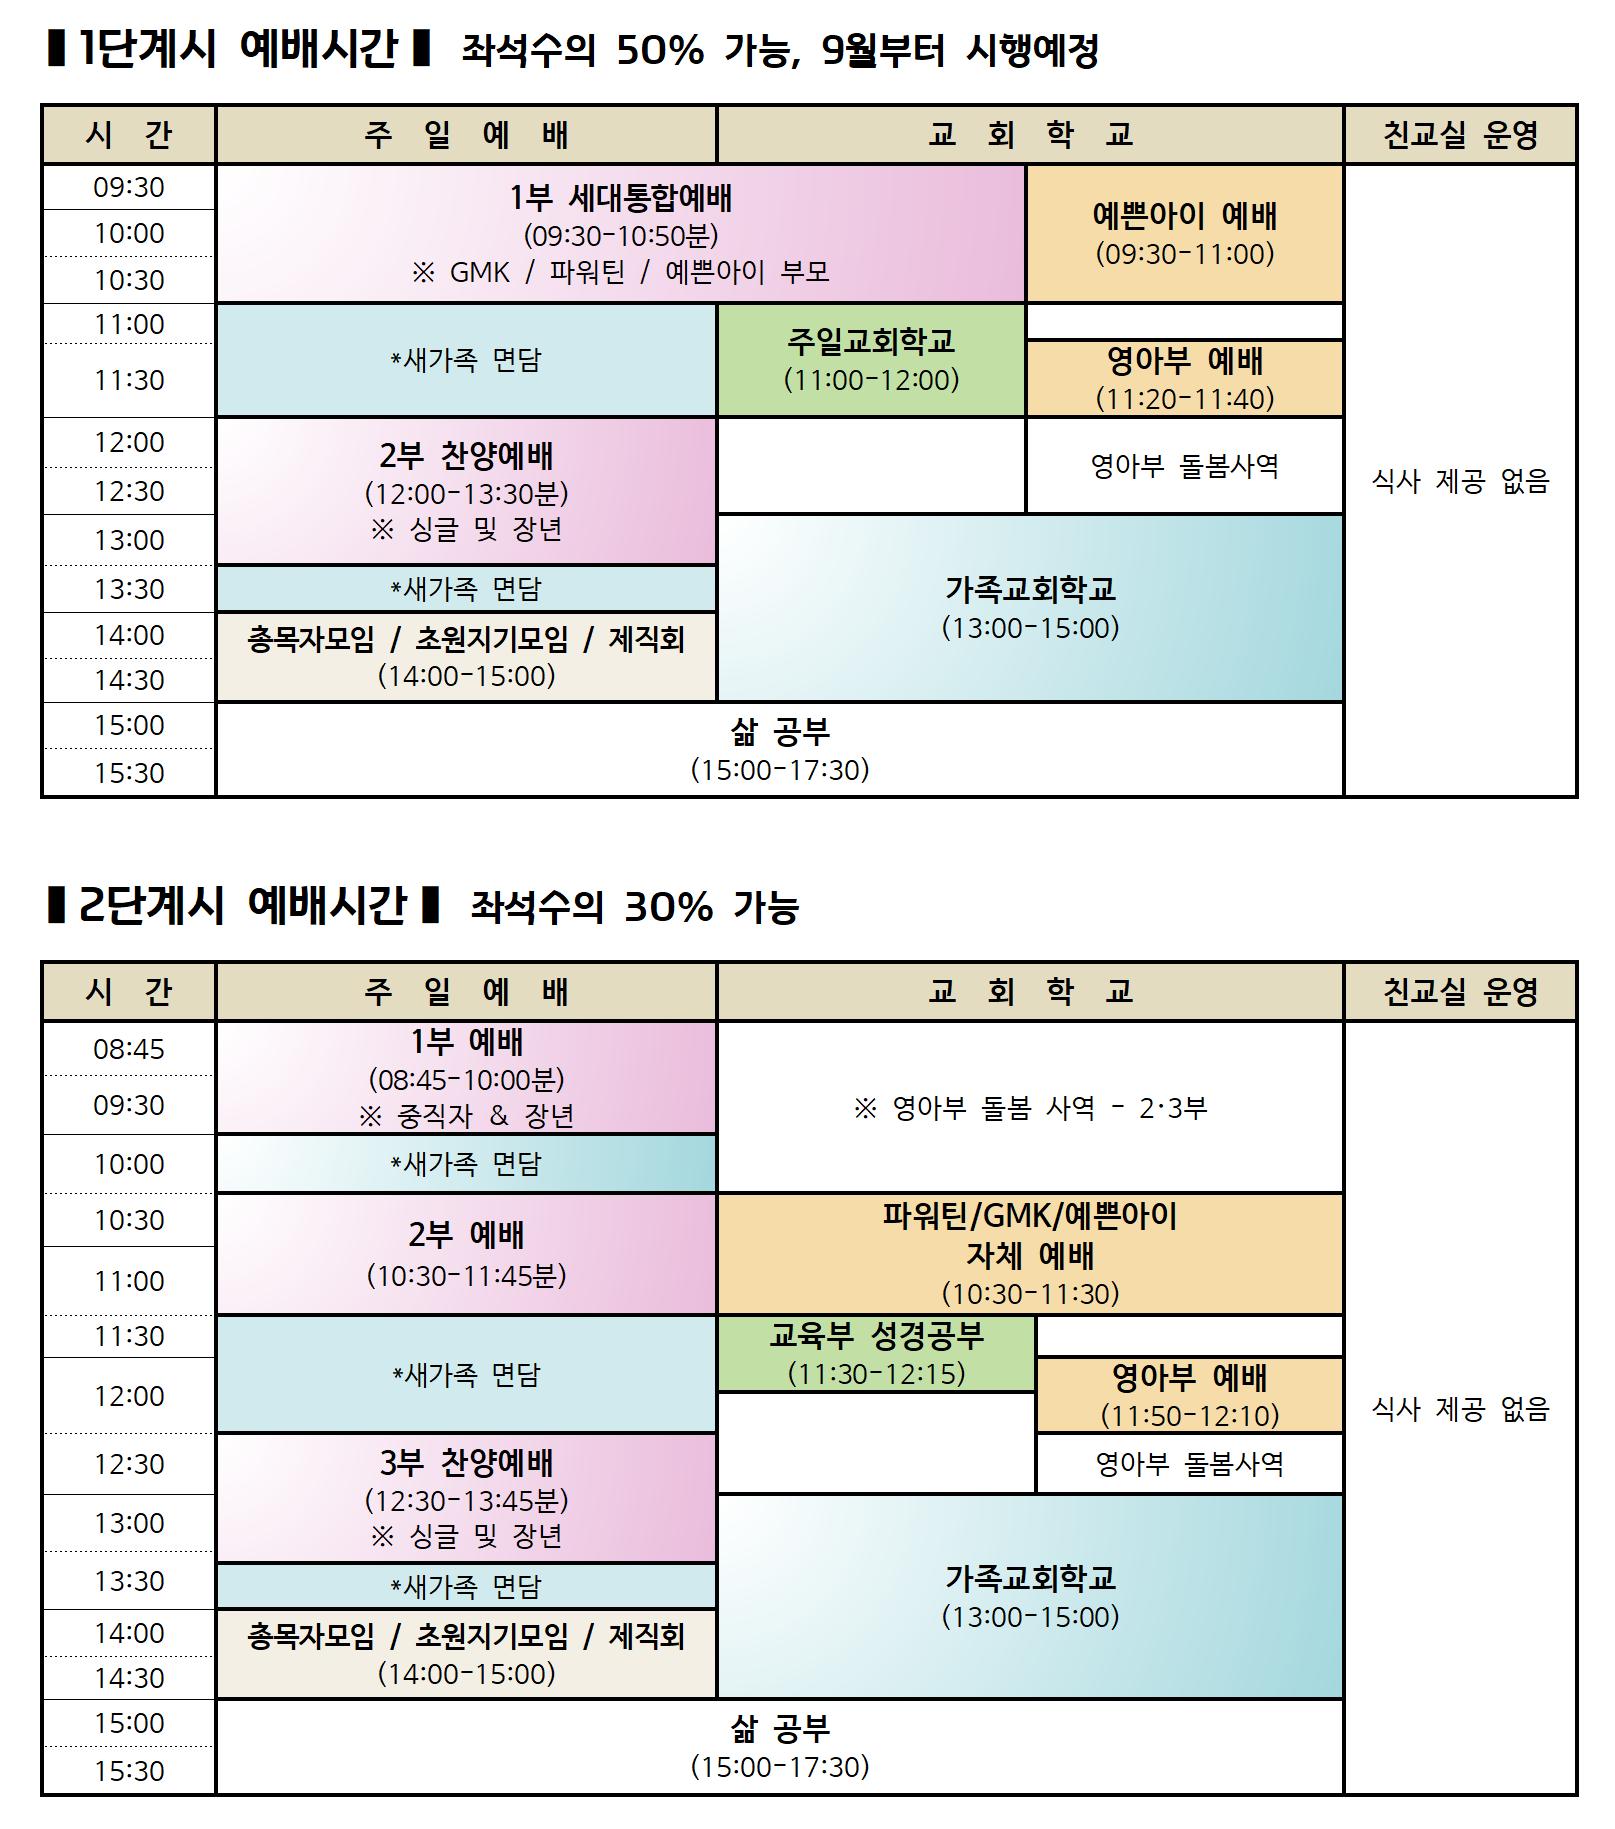 목회칼럼 삽입그림(예배시간표).png